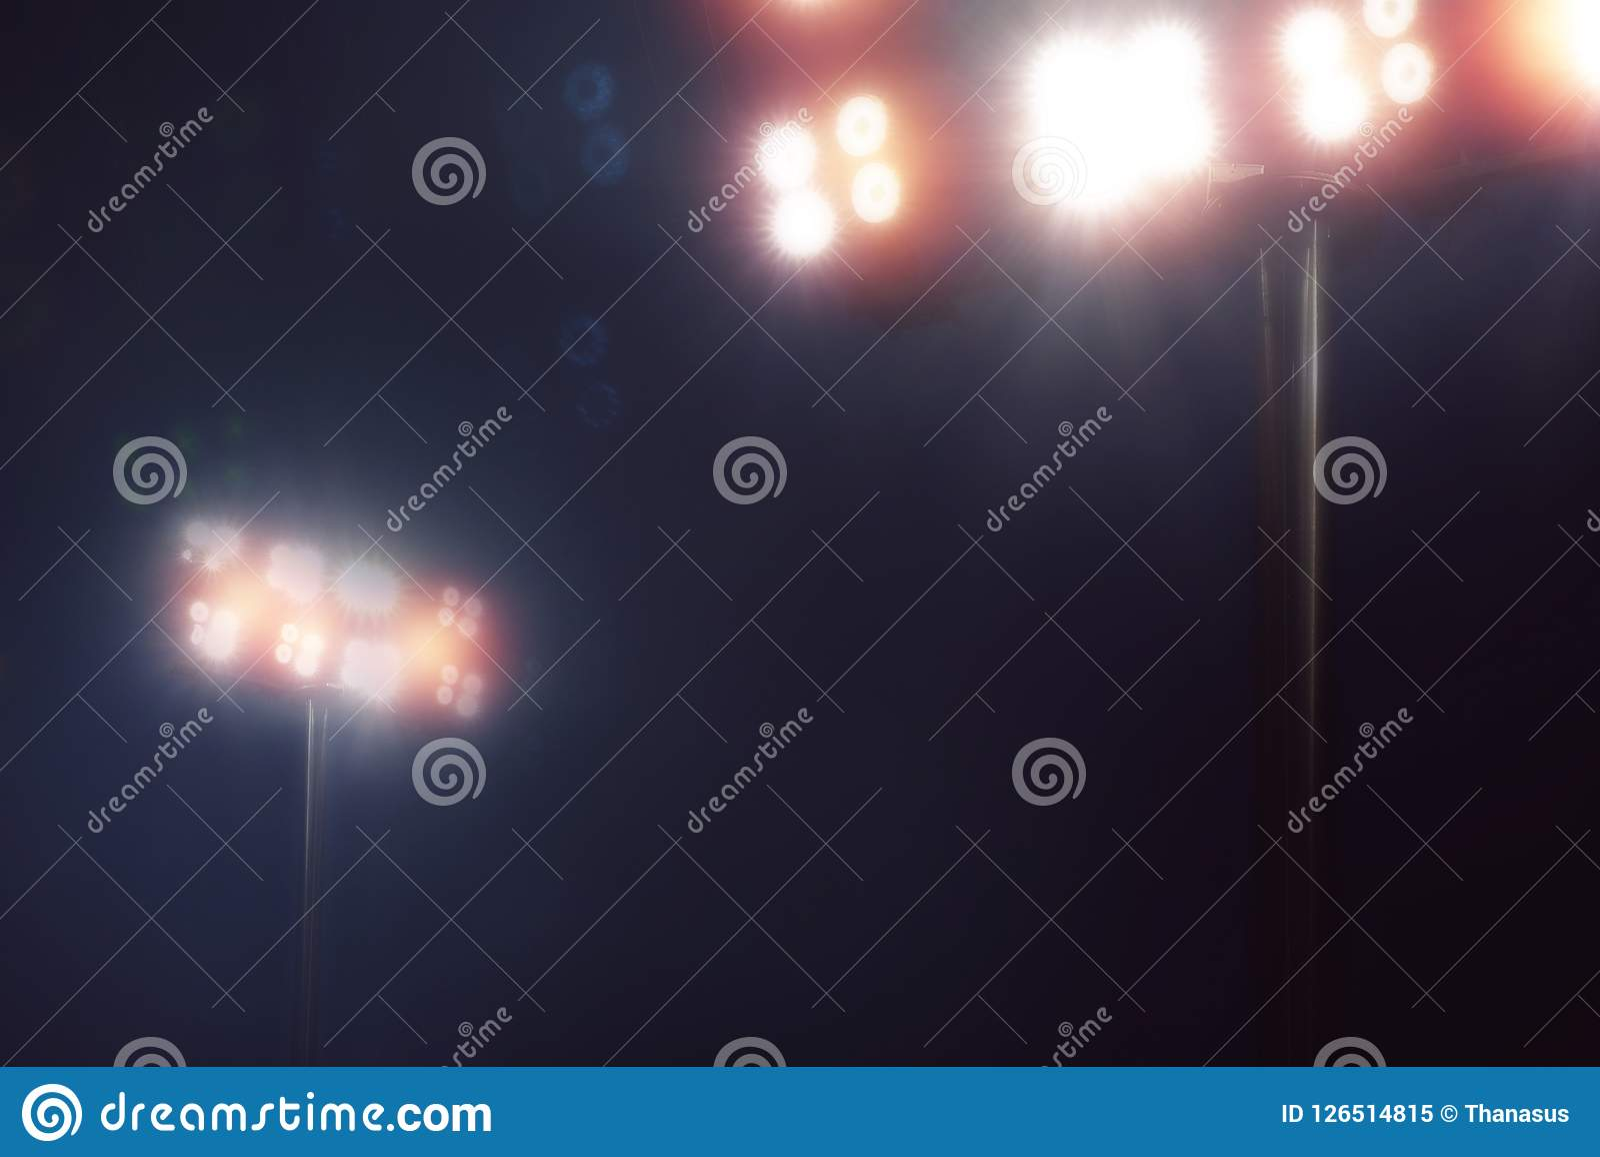 Stadion beleuchtet im Sportspiel im dunklen nächtlichen Himmel